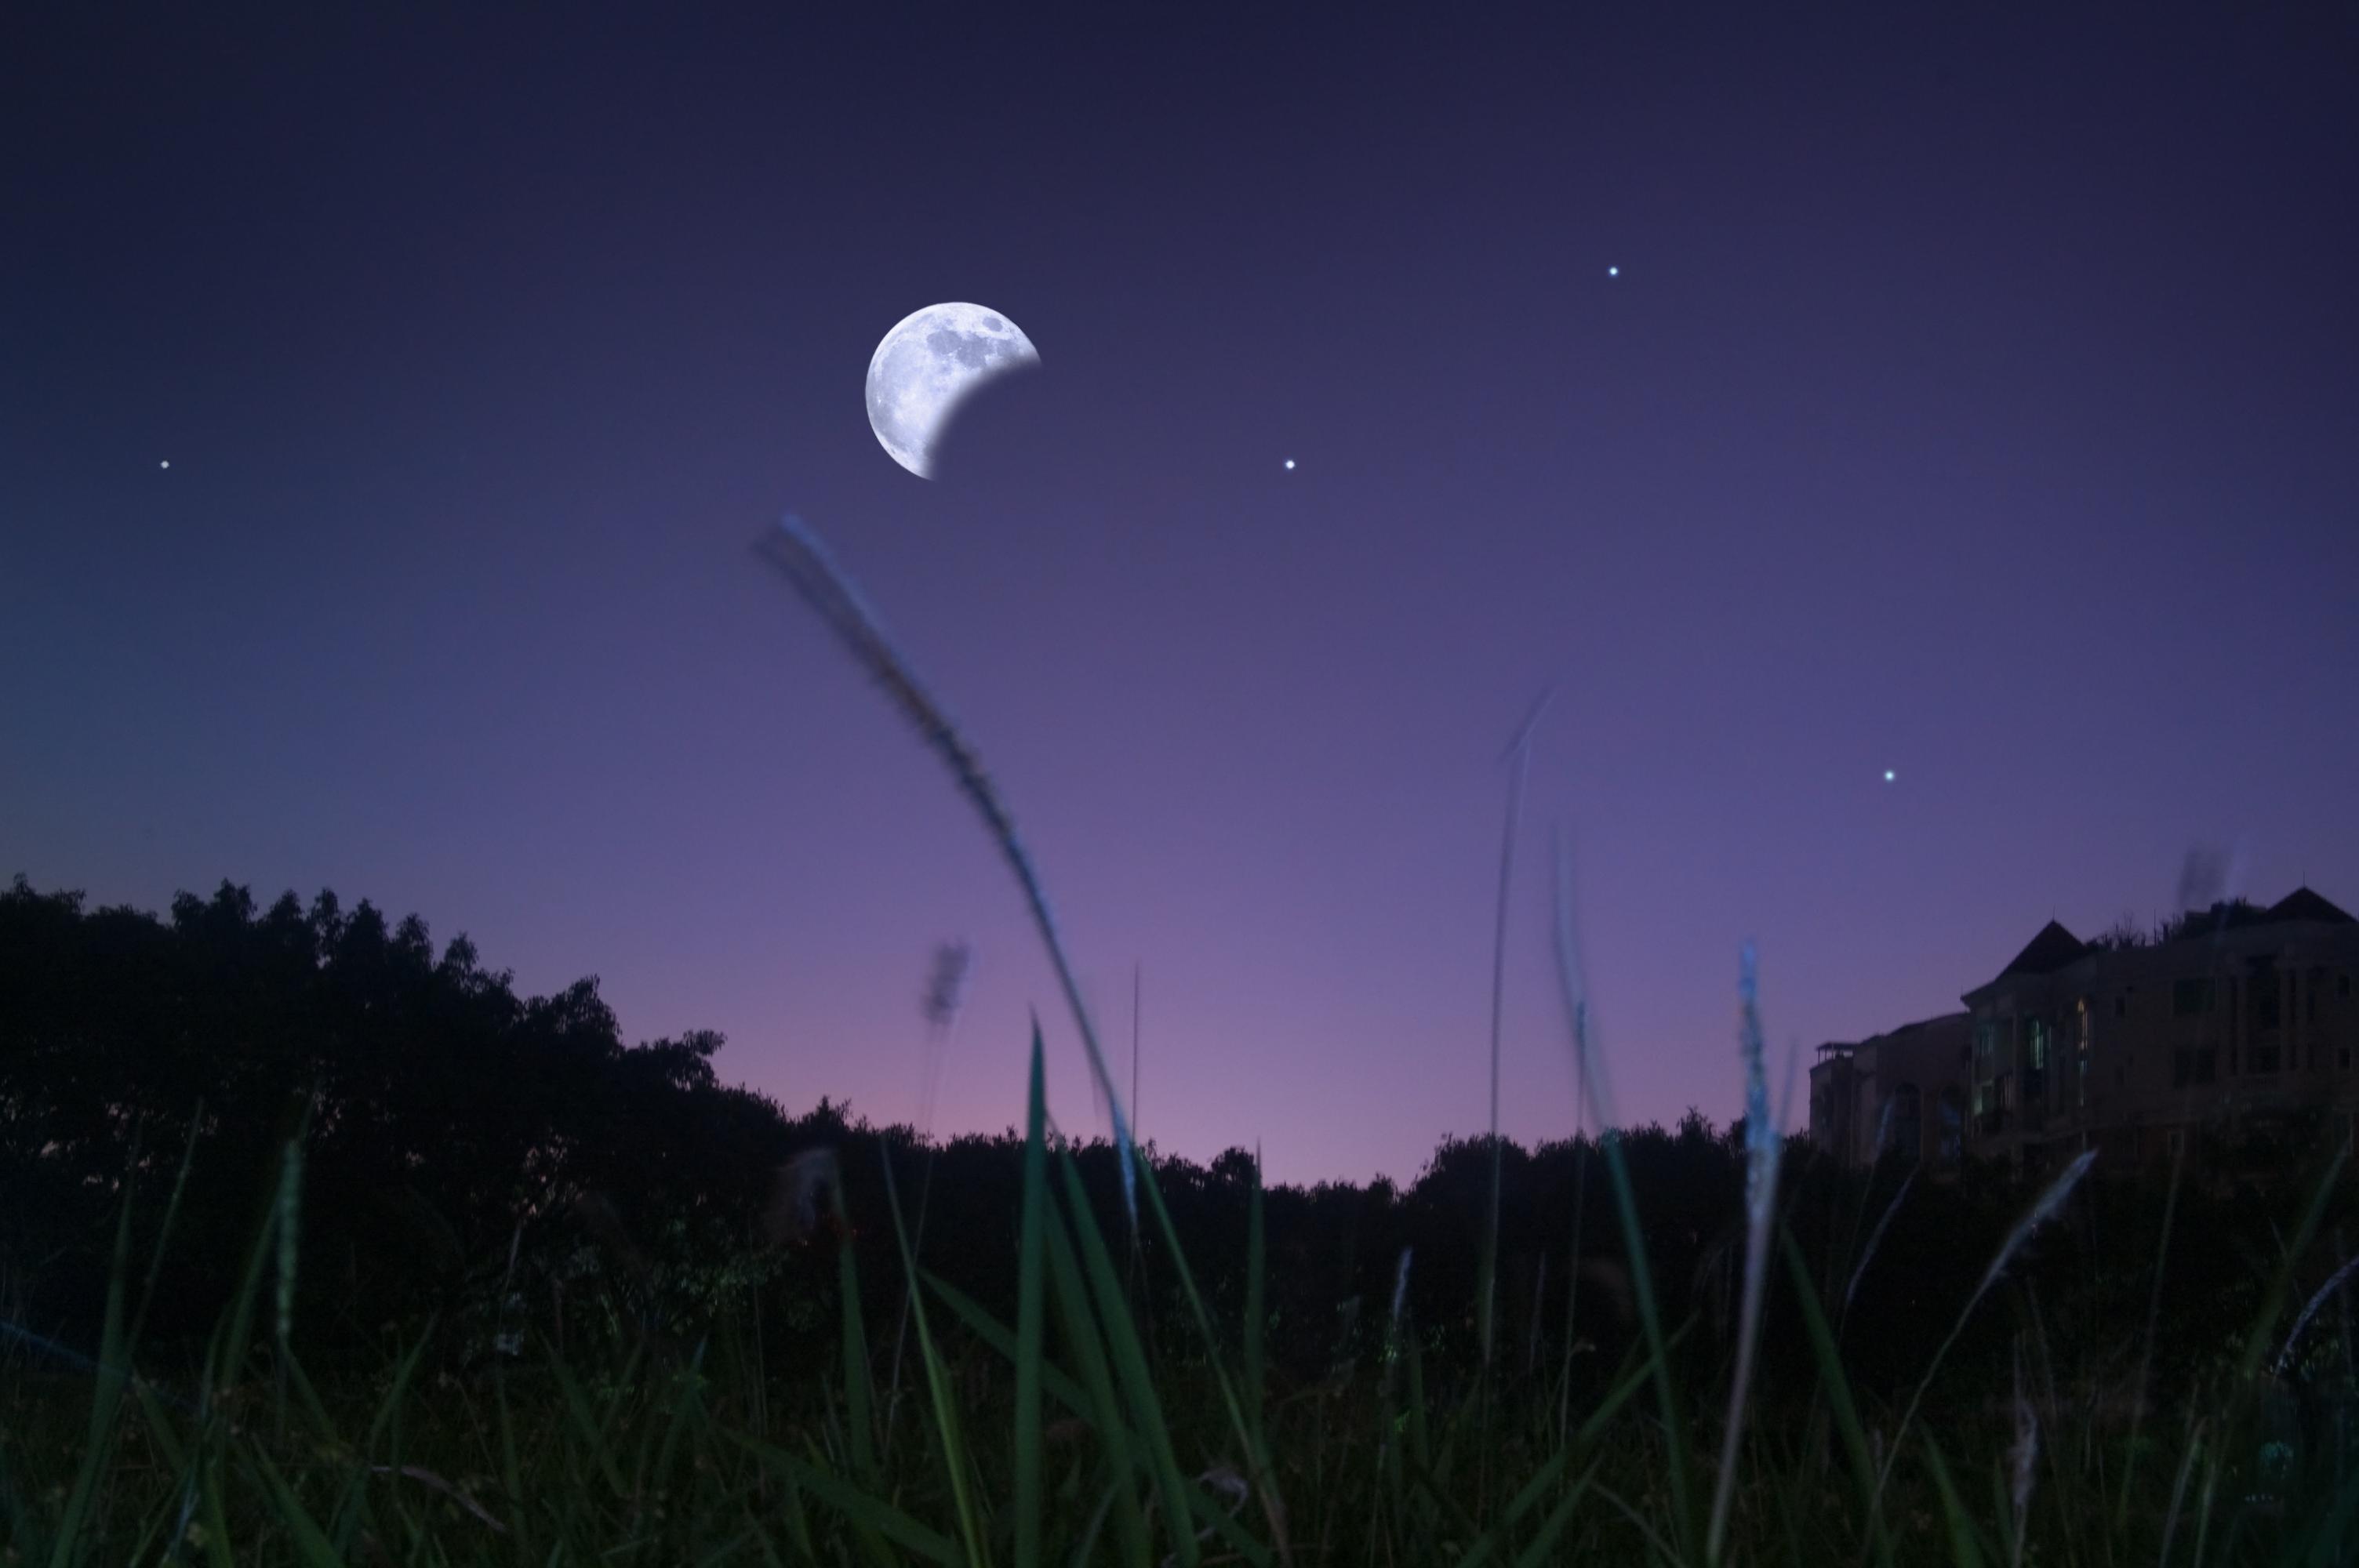 Las fases de la luna tienen beneficios para ti - Univision